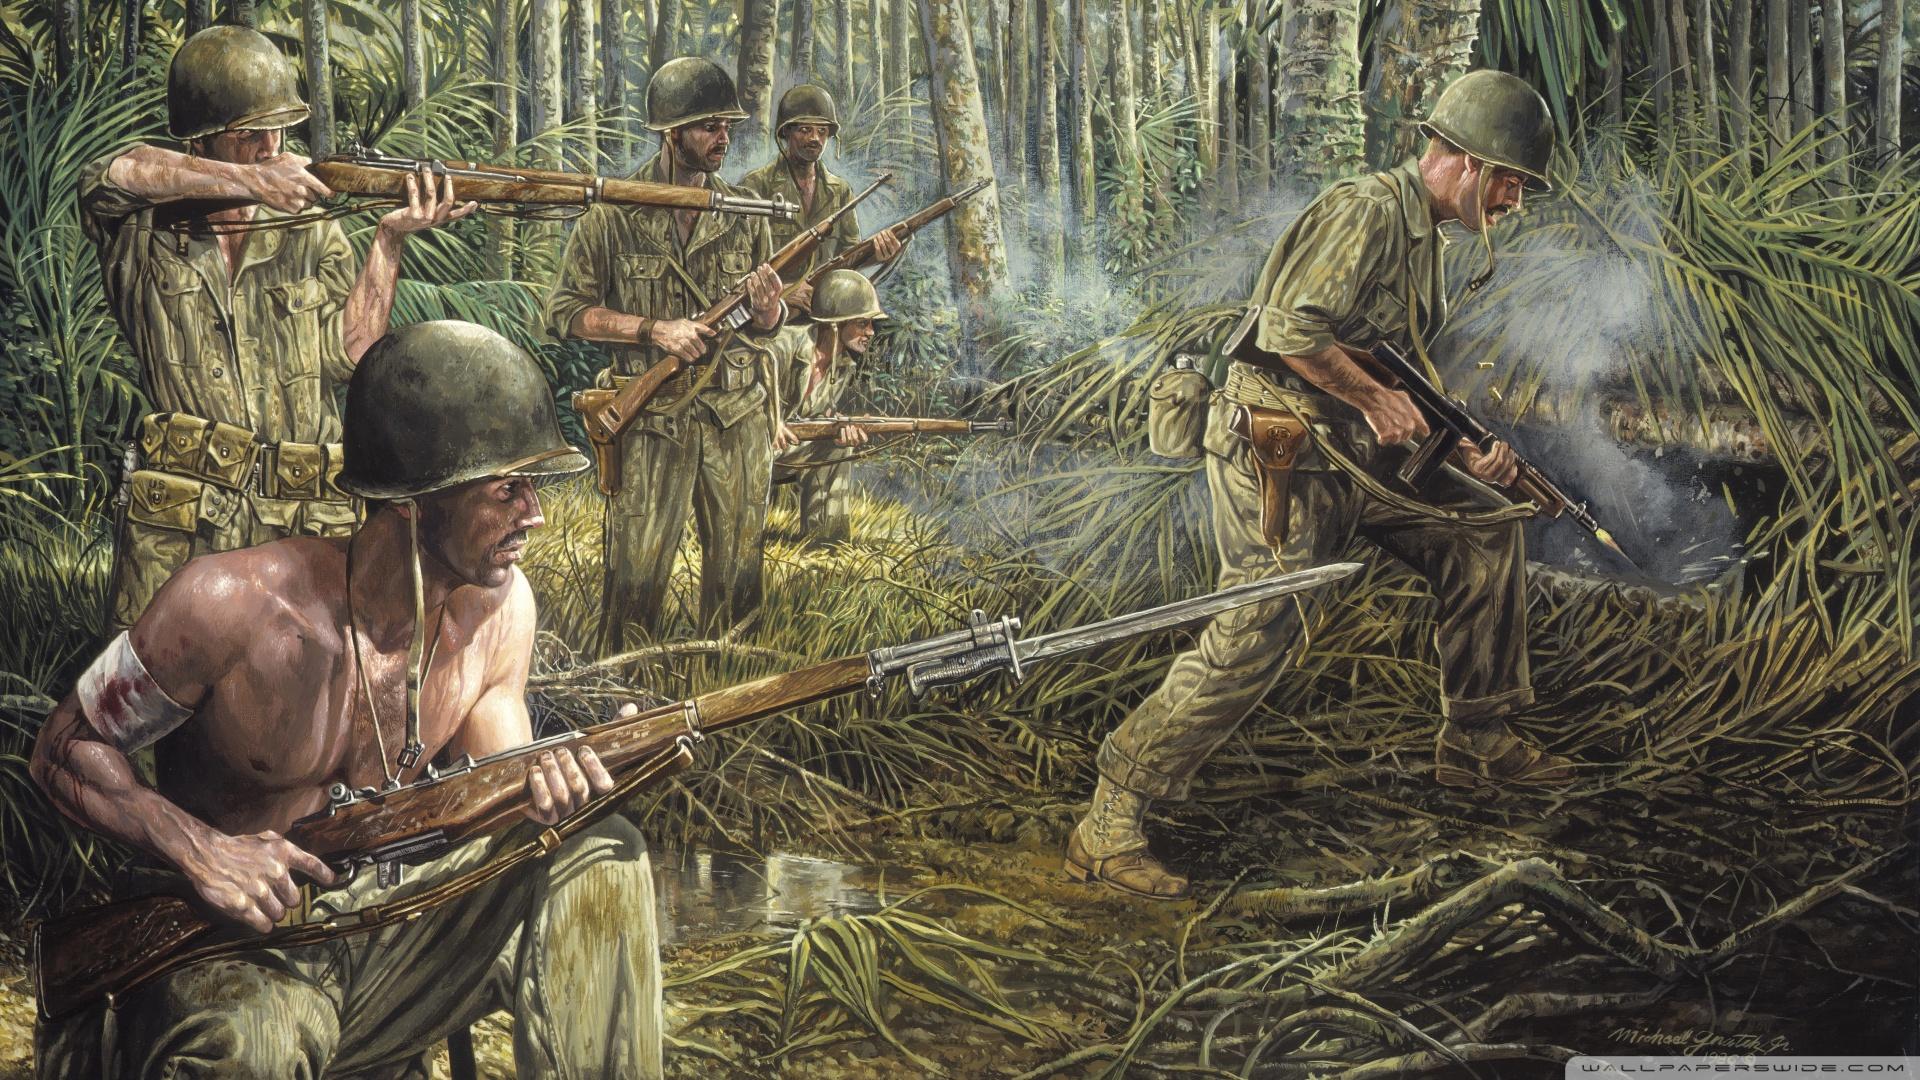 Vietnam War Painting 4K HD Desktop Wallpaper for 4K Ultra HD TV 1920x1080